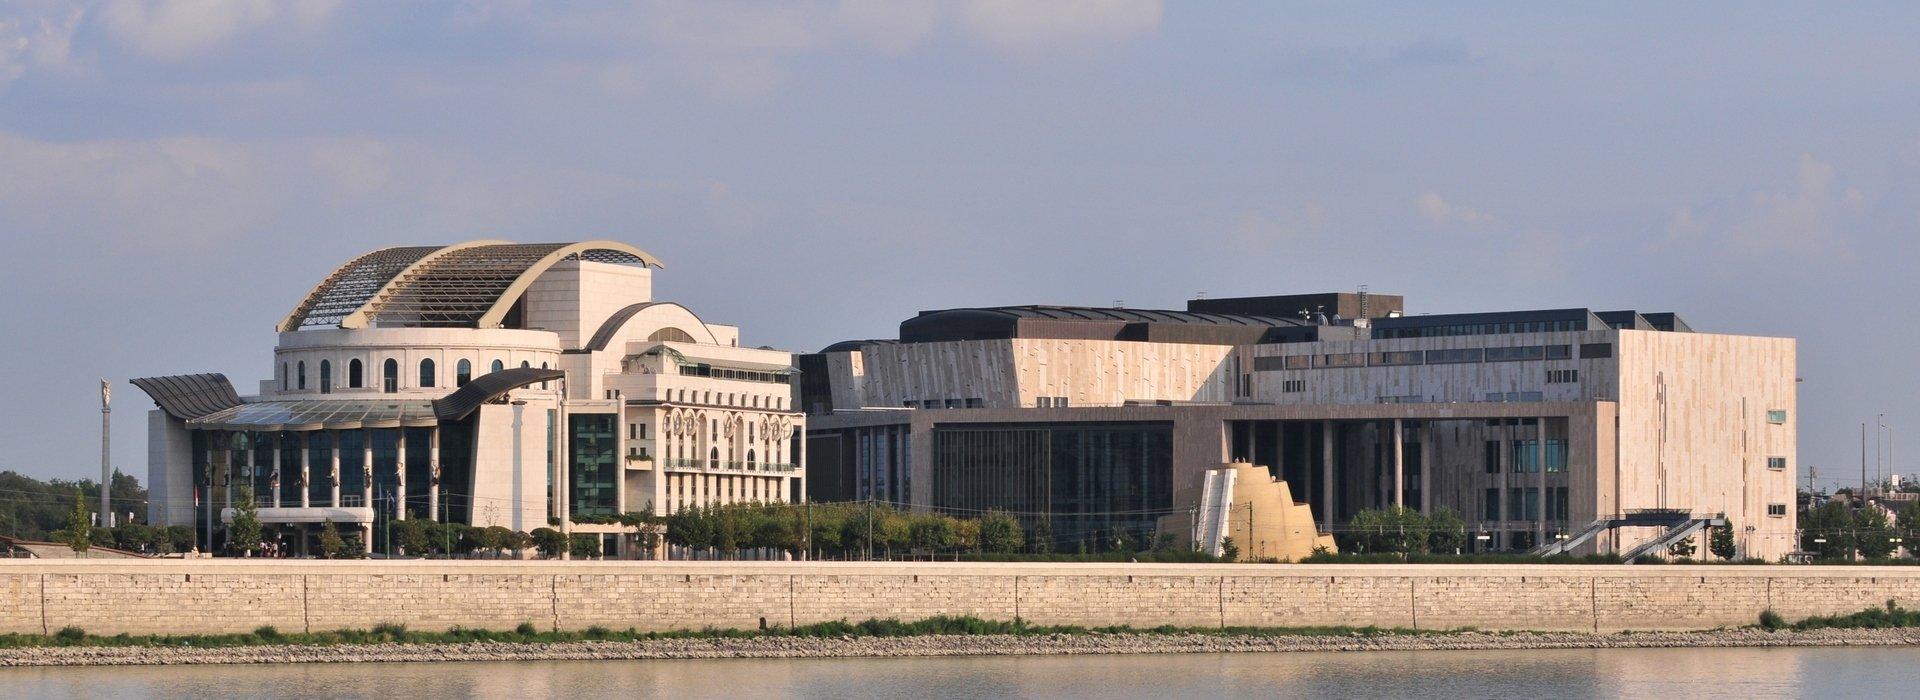 Budapesti Színházak és Koncerttermek – Színház és Koncertterem Budapesten